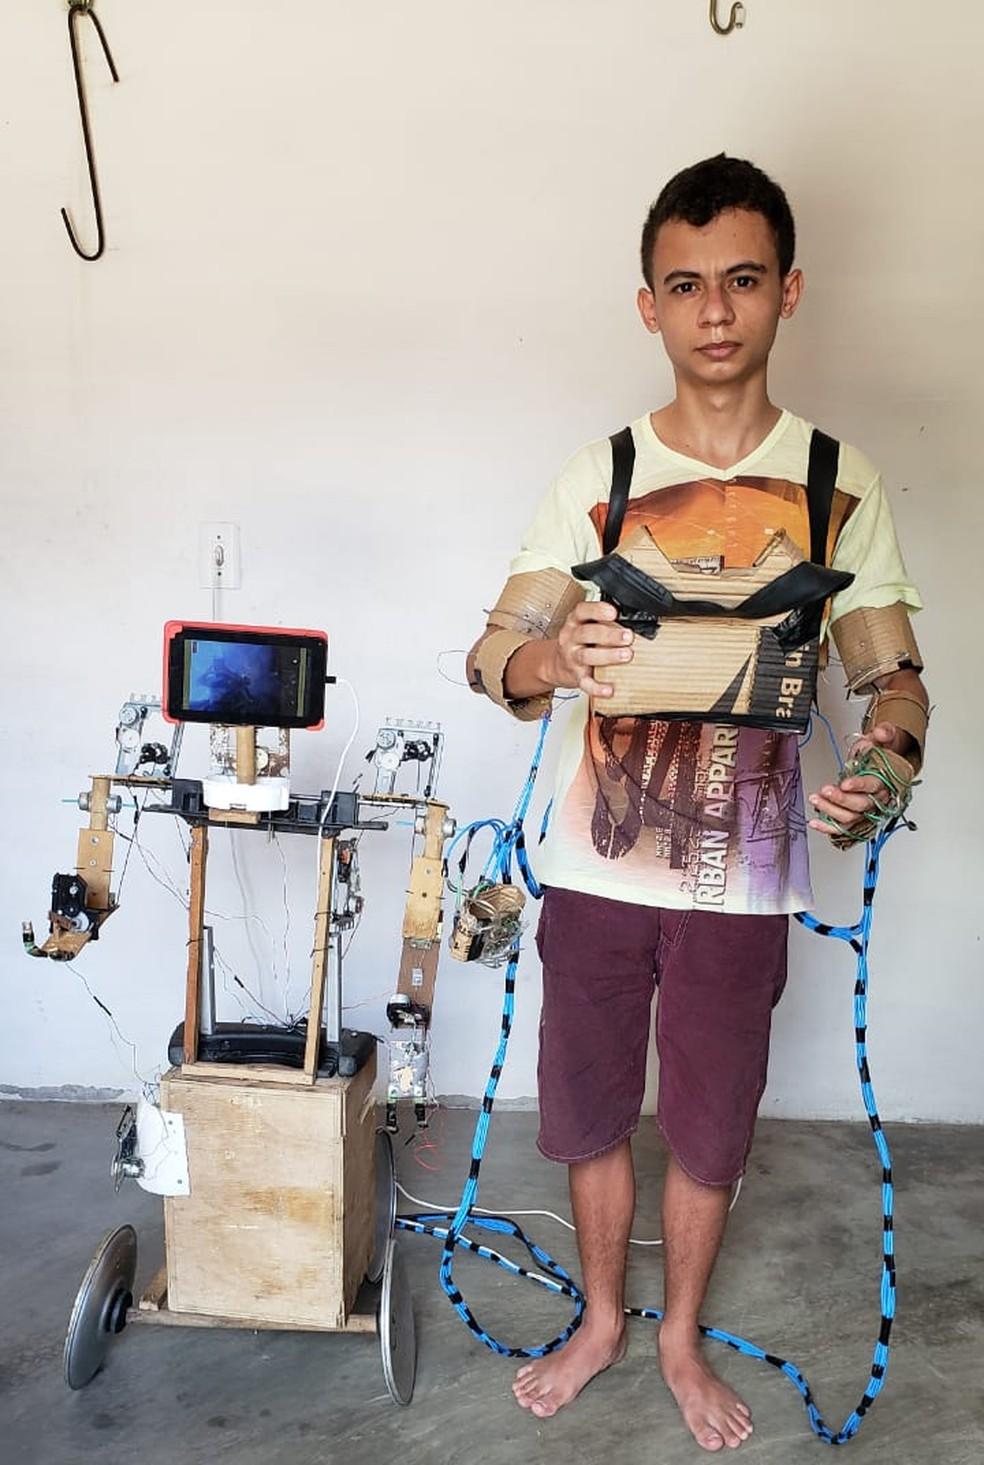 Robô Colossus (foto) foi construído por Lucas usando técnicas avançadas de engenharia — Foto: Jefferson Maia/SVM